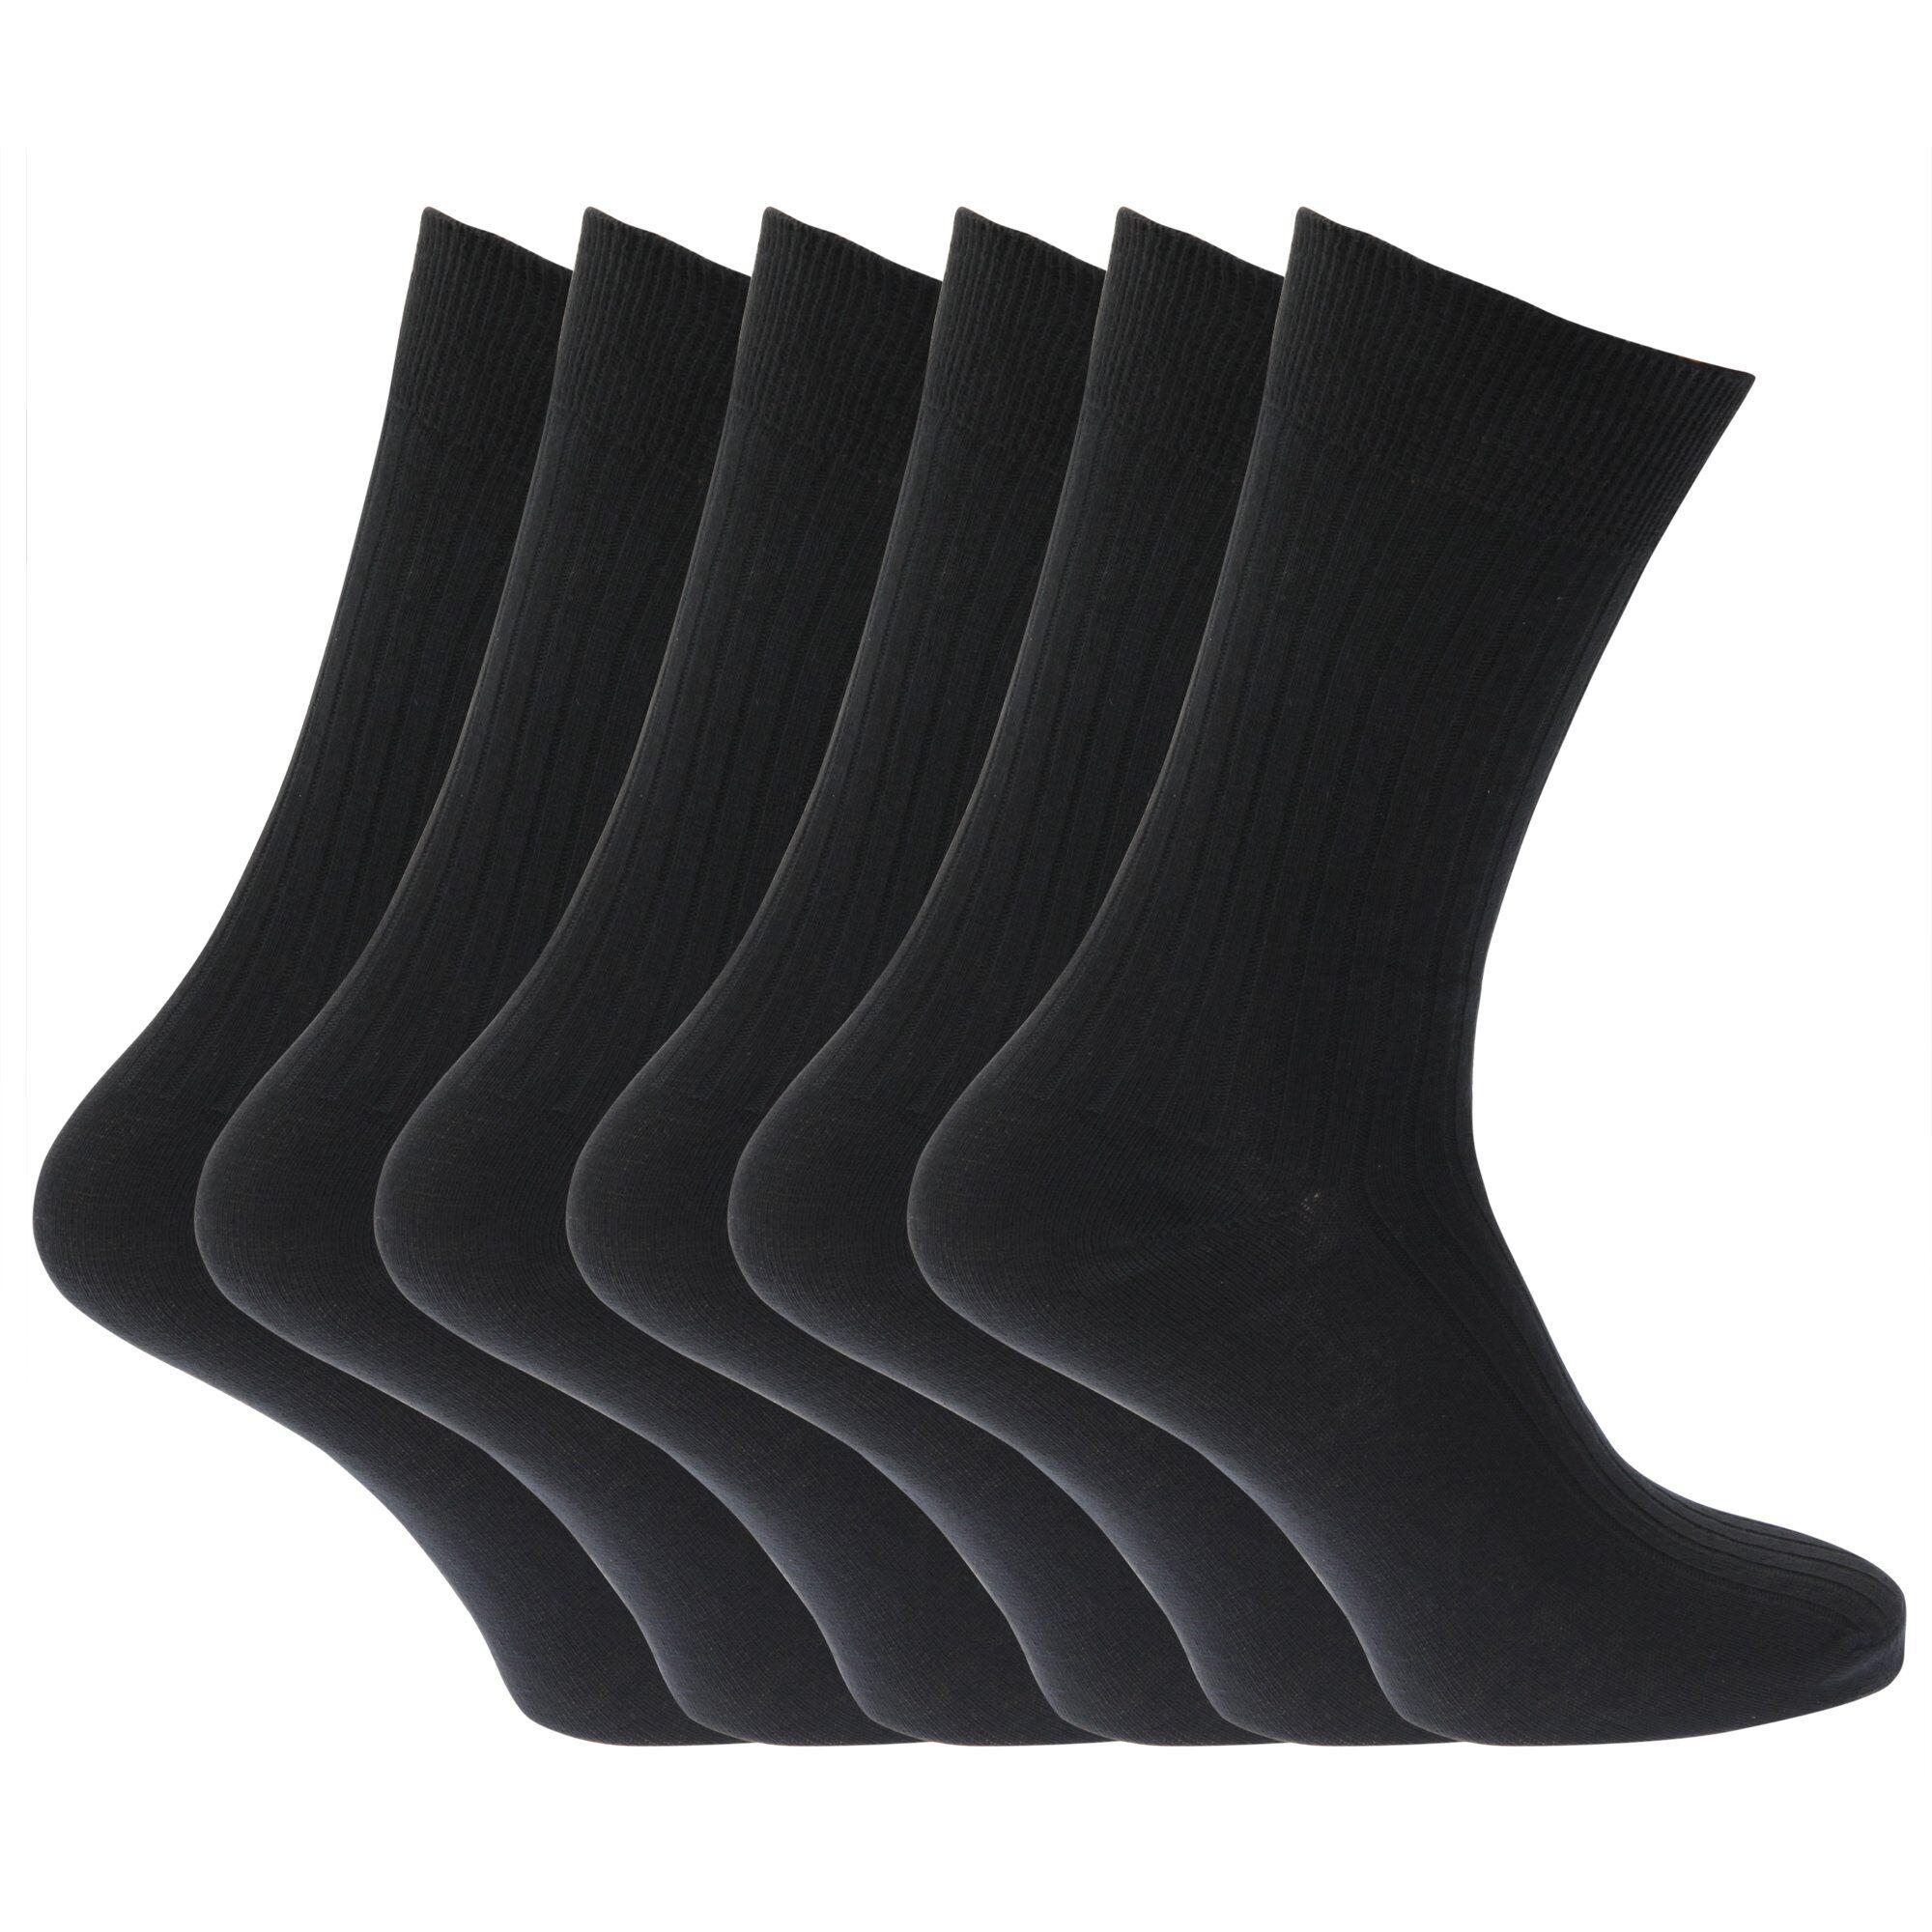 Chaussettes Unies Striées 100% Coton (Lot De 6 Paires) - Homme (Noir) - UTMB144